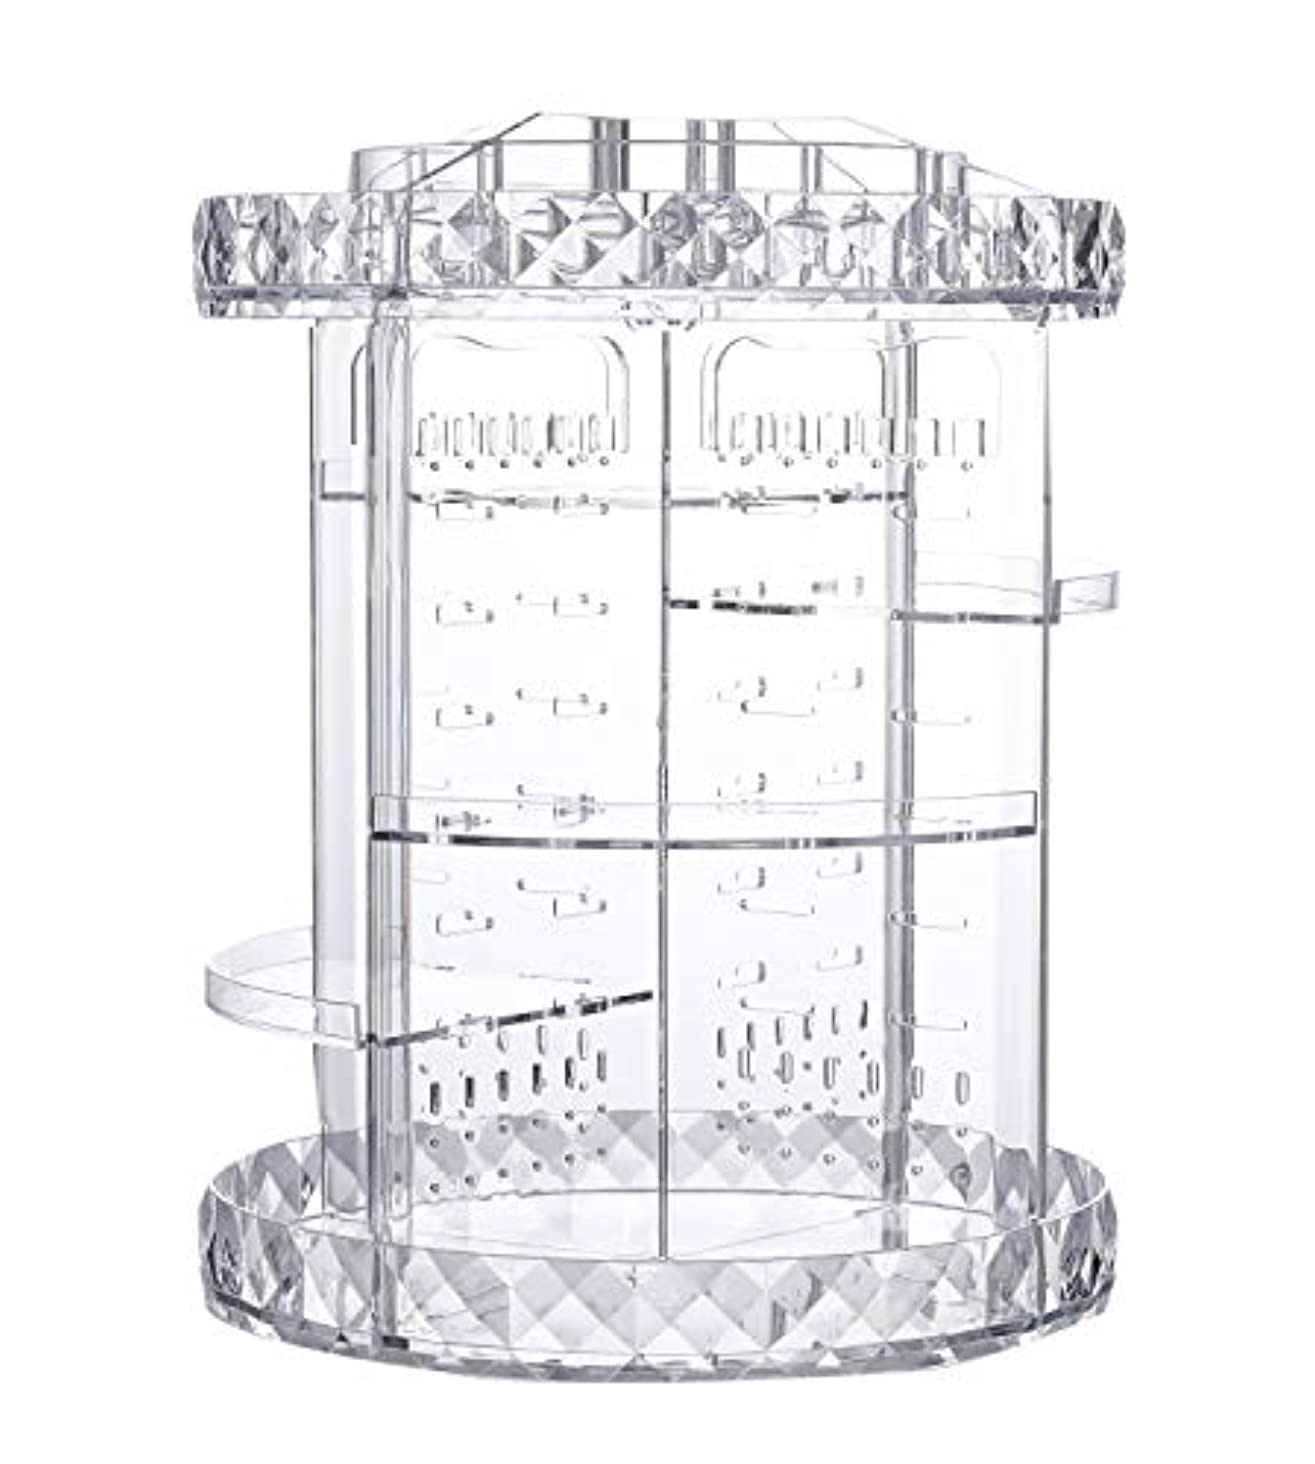 化粧品収納ボックス ネックレス収納 アクセサリー収納 回転式360度 透明 メイクボックス 組み立て 調整可能